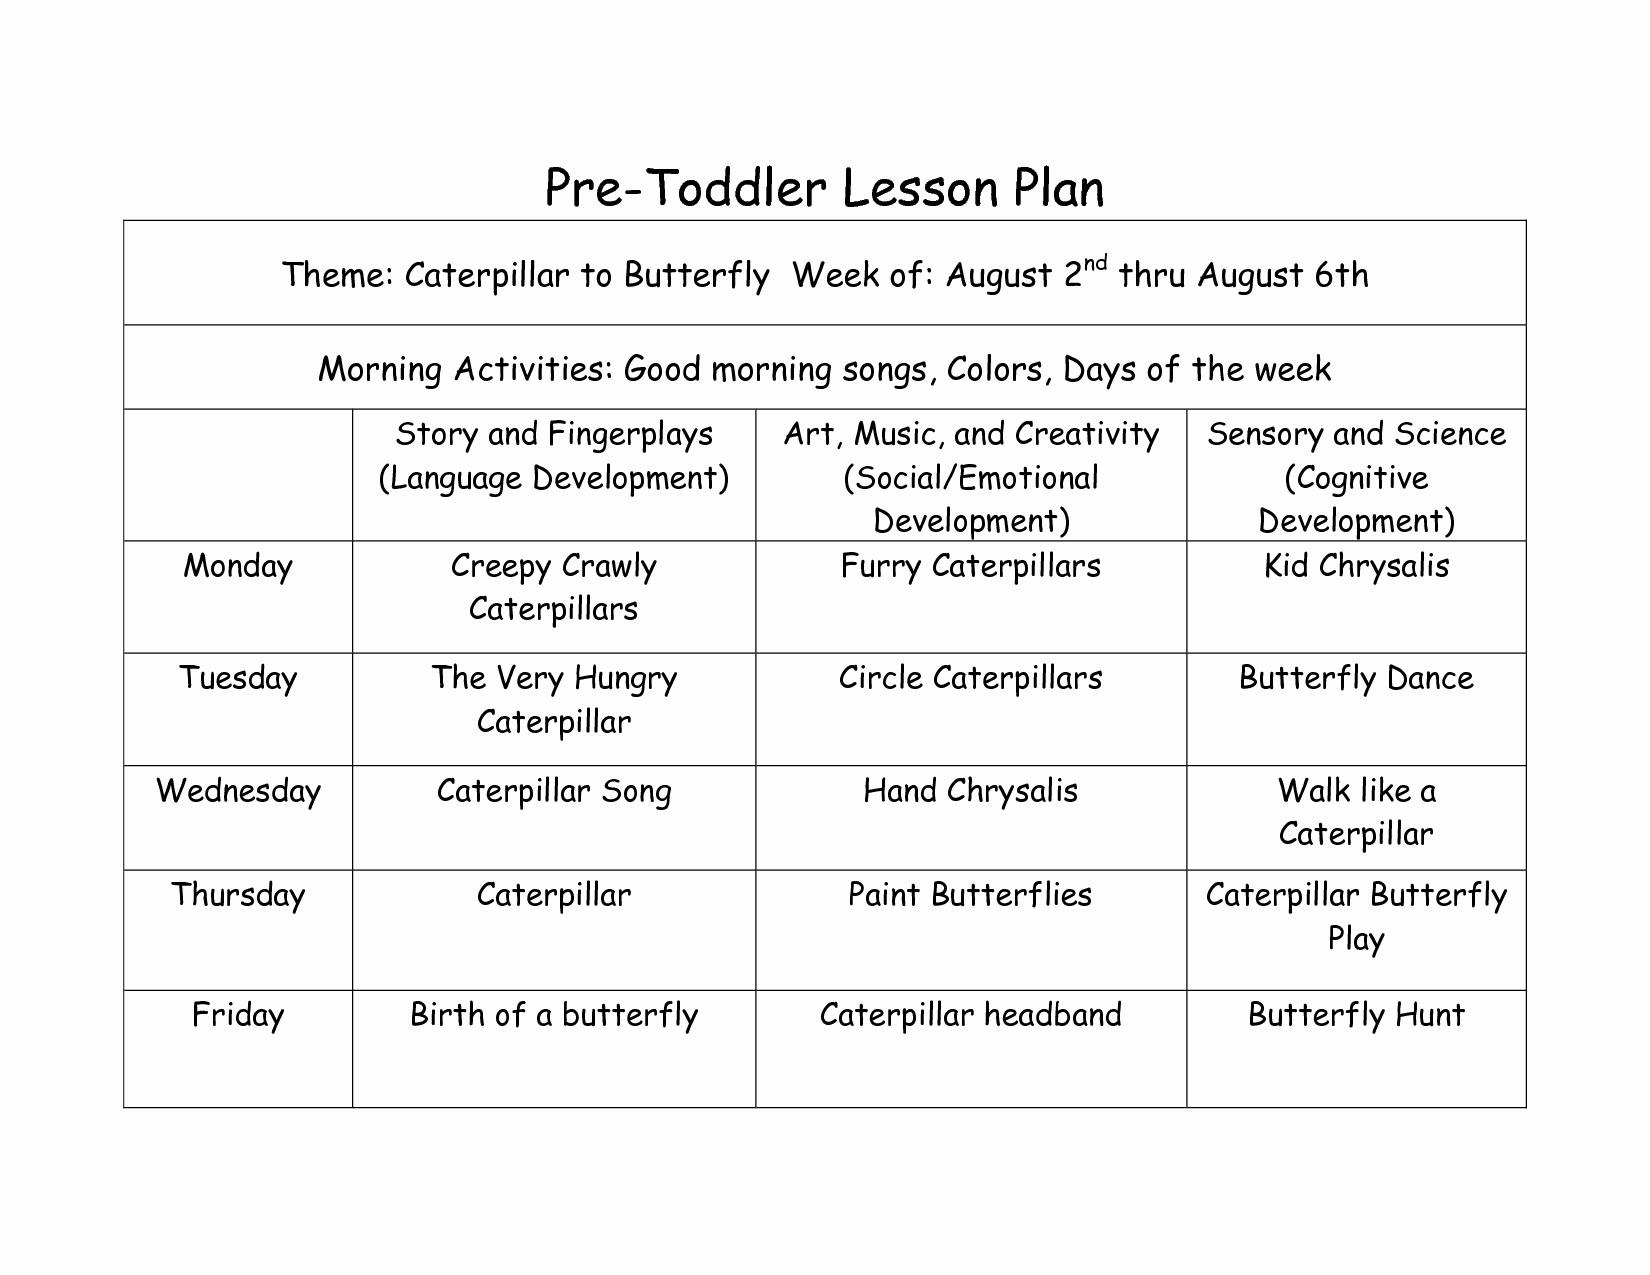 Creative Curriculum Lesson Plan Template Fresh Creative Curriculum Lesson Plan Template Google Search